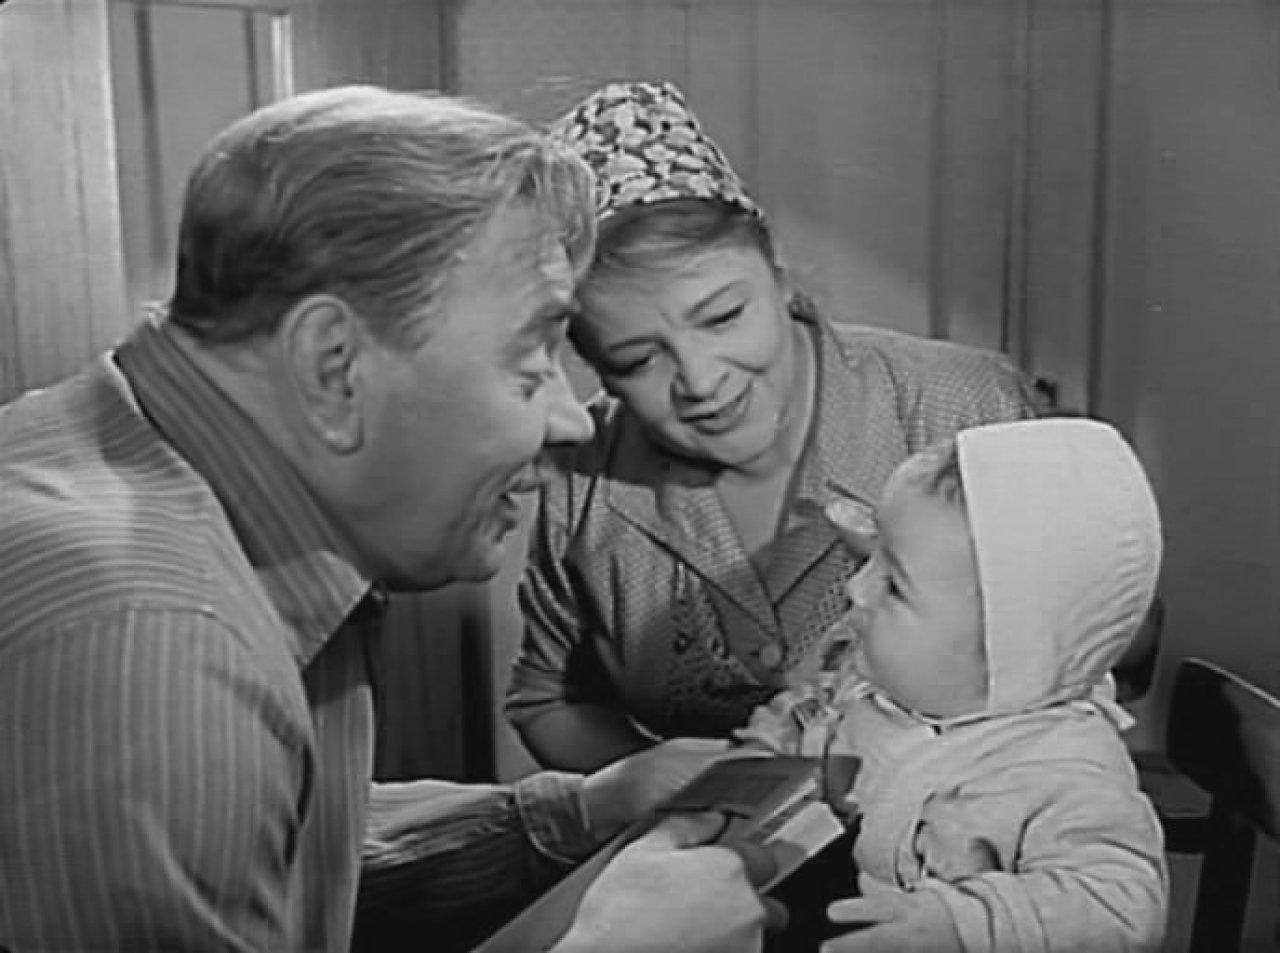 Открытки детей старые советские фильмы, понятность информации объемная